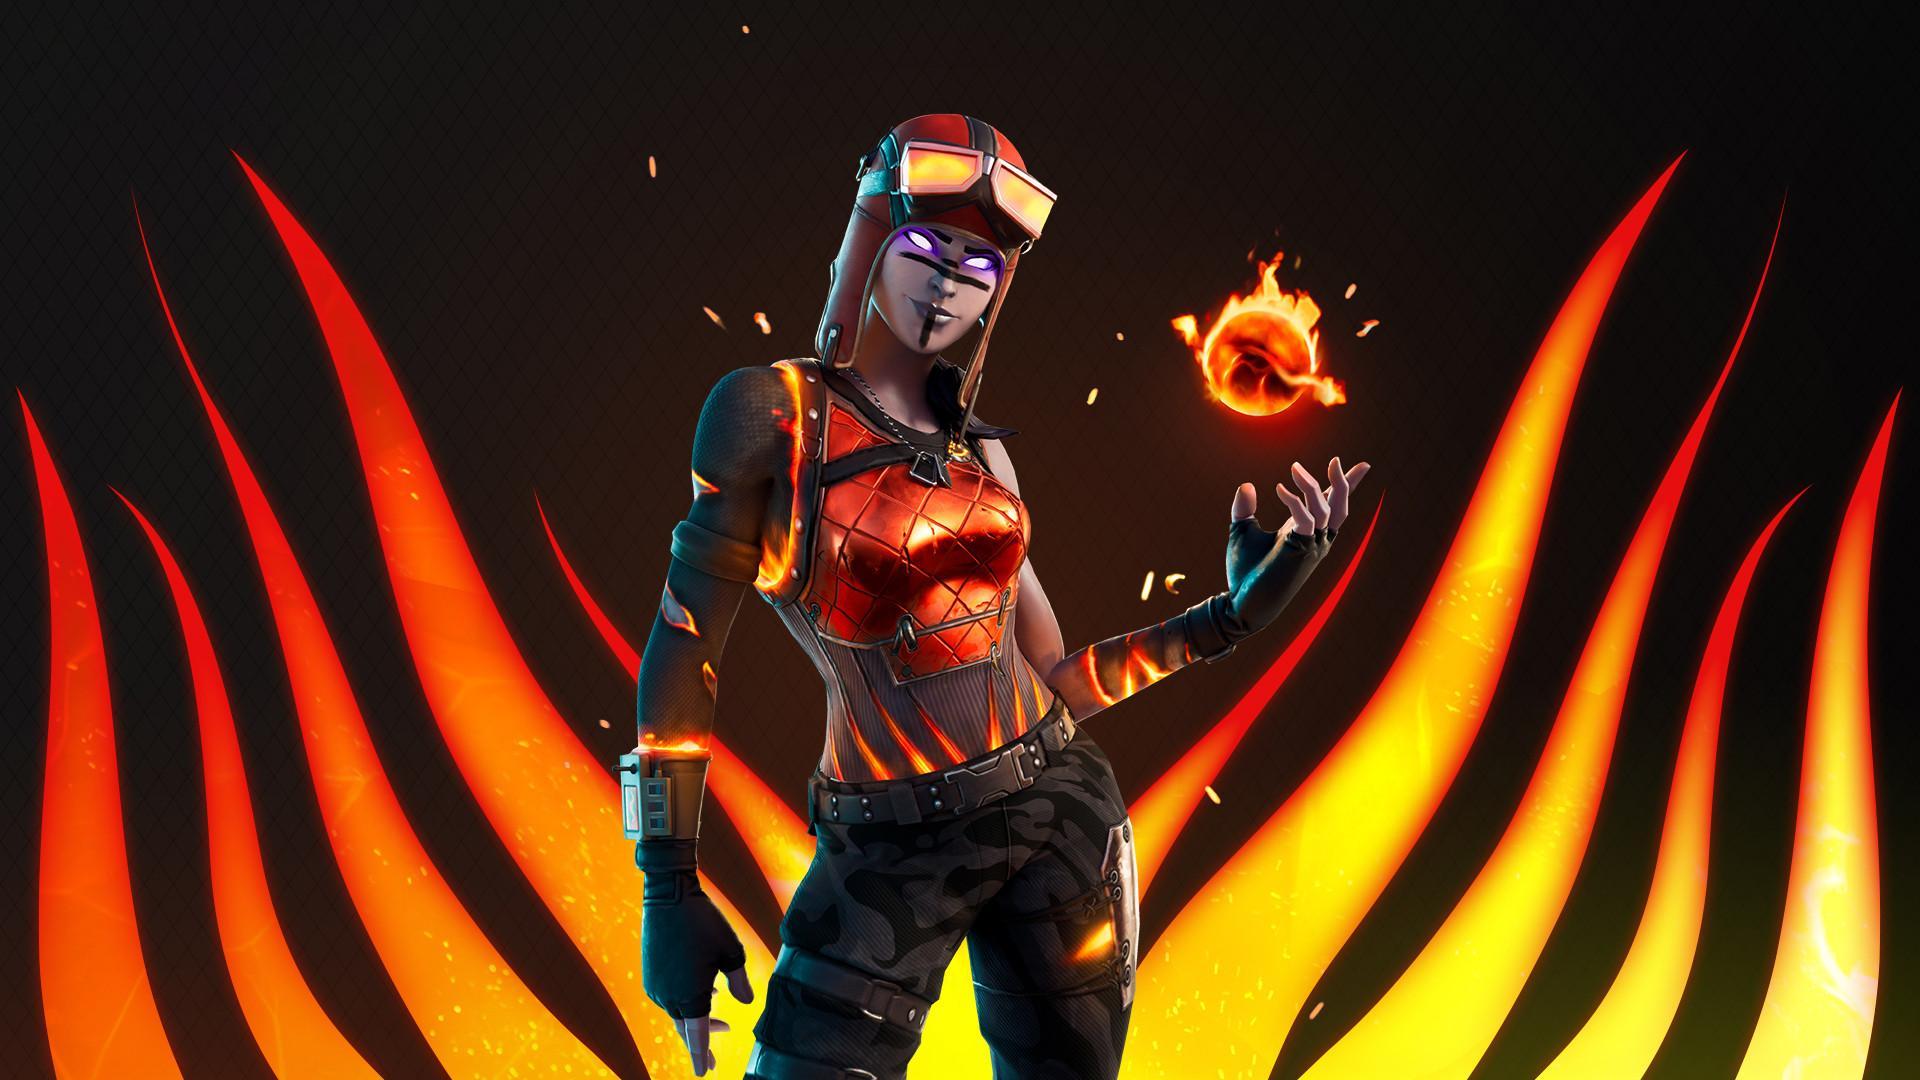 1920x1080 Blaze Fortnite Hình nền, Trò chơi HD Hình nền 4K, Hình ảnh, Hình ảnh và Nền